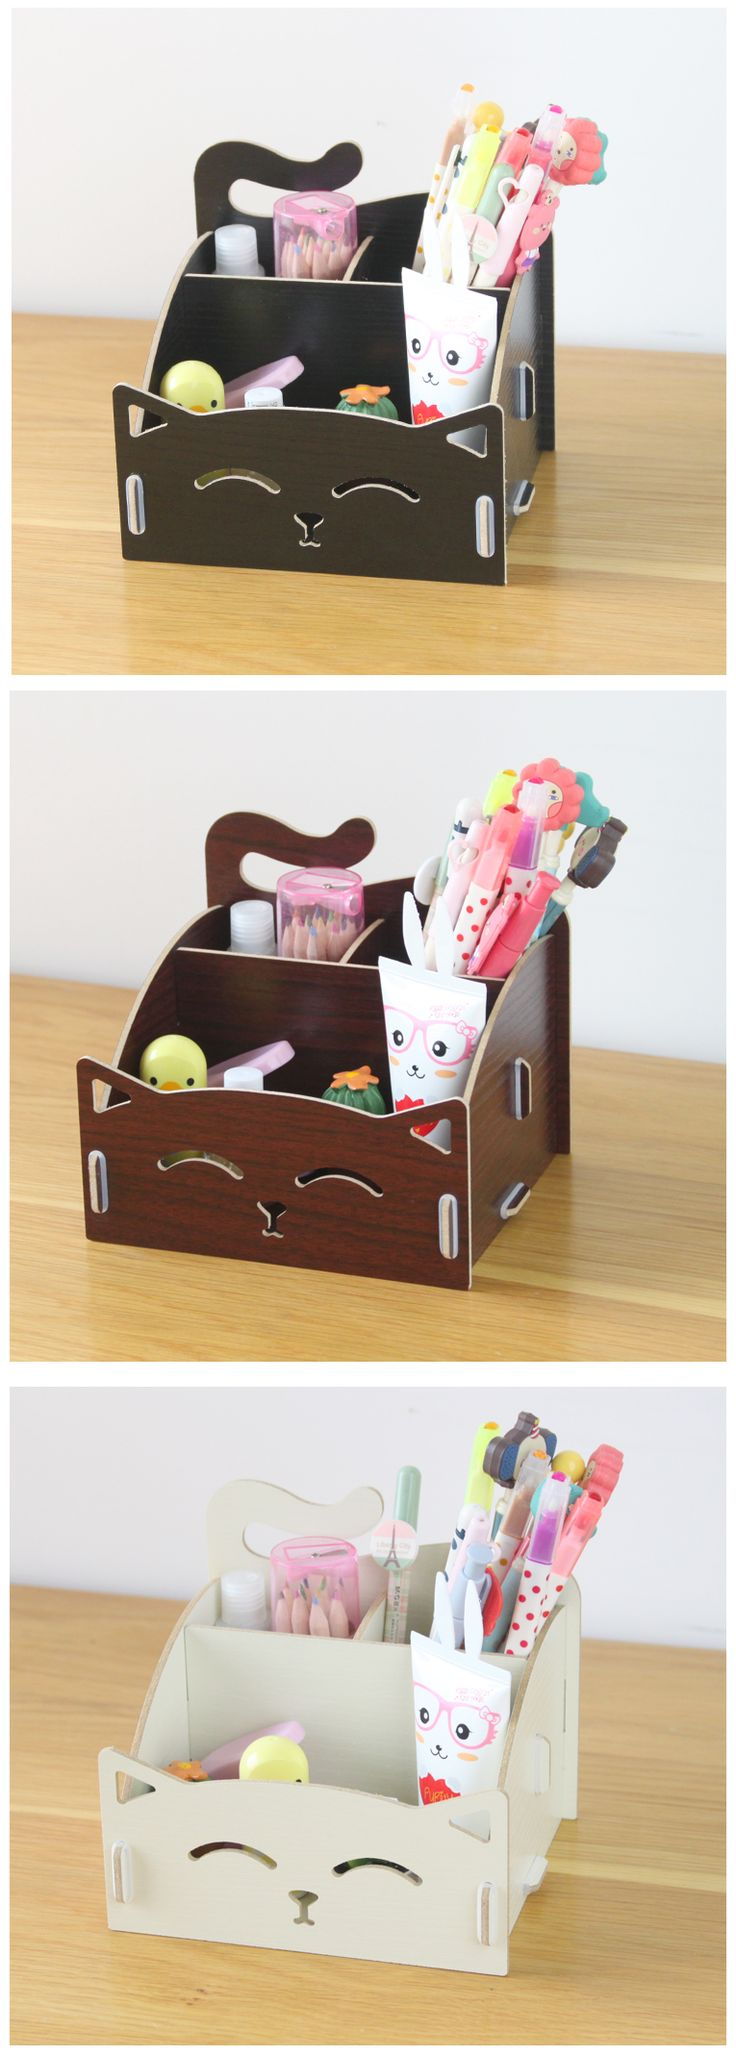 Criativo de madeira caixa de armazenamento de cosméticos caneta notas gato DIY acessórios de escritório organizador caixa em Ciaxas de armazenamento & lixo de Casa & jardim no AliExpress.com   Alibaba Group